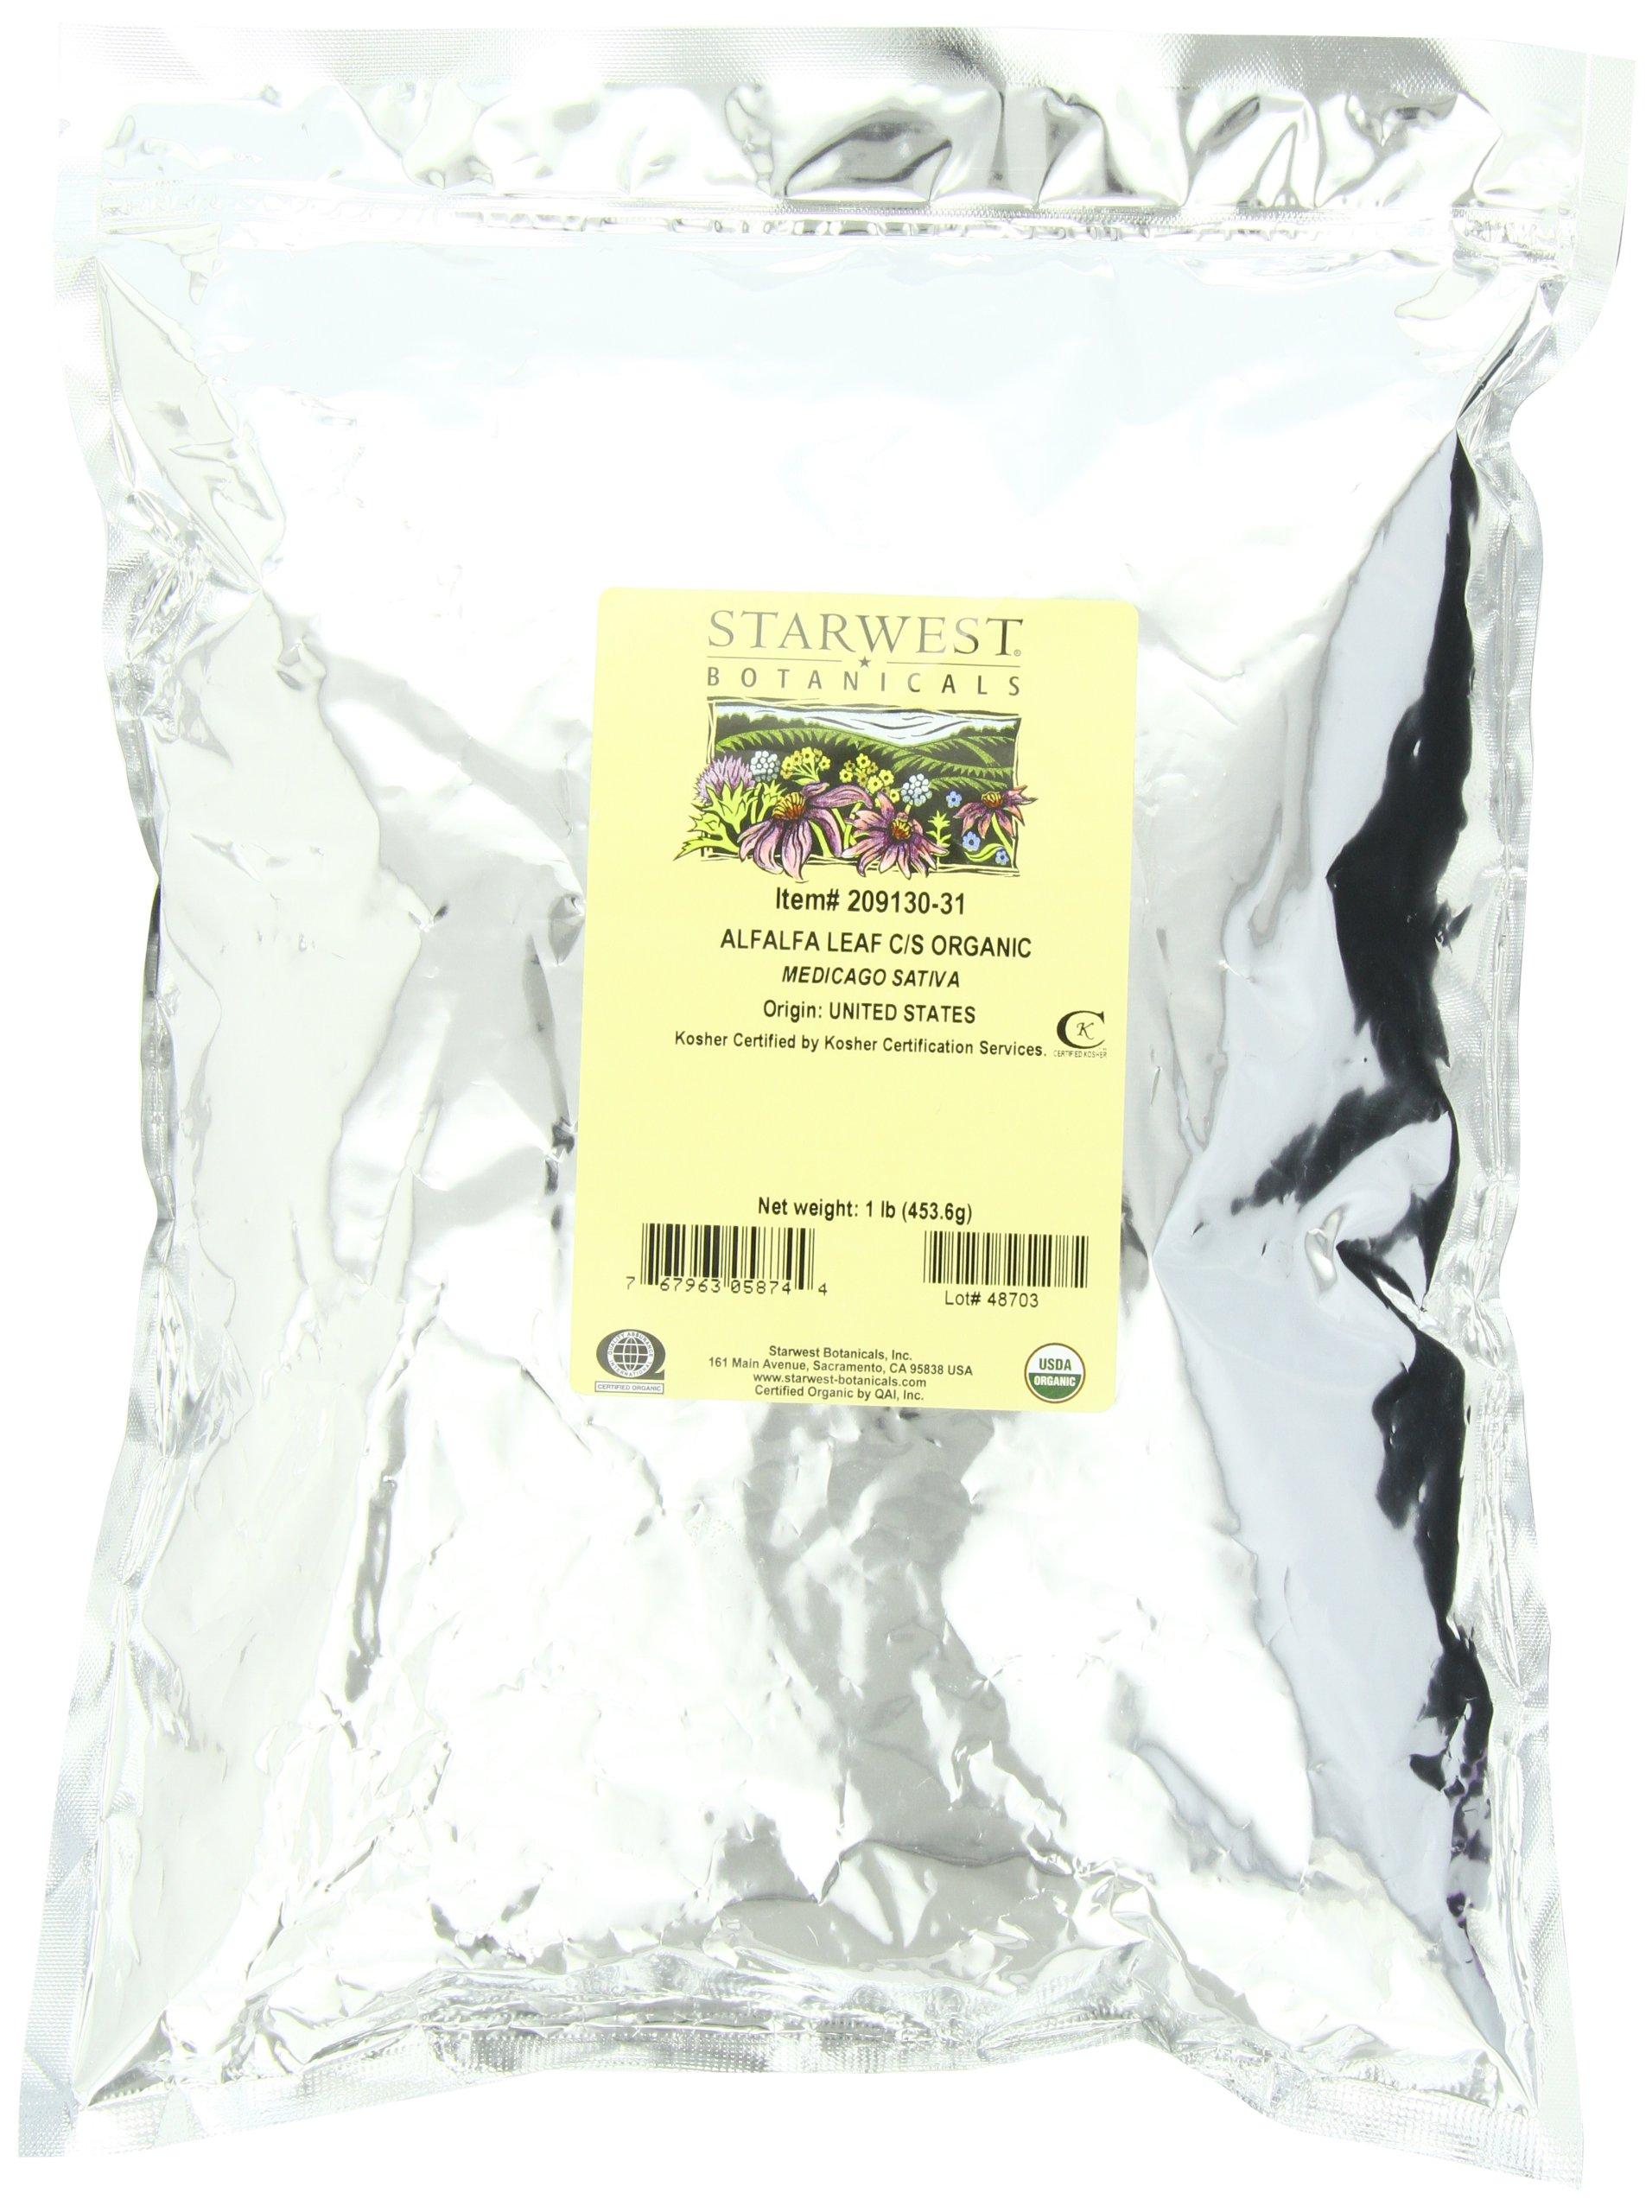 Starwest Botanicals Organic Alfalfa Leaf Cut, 1-pound Bag